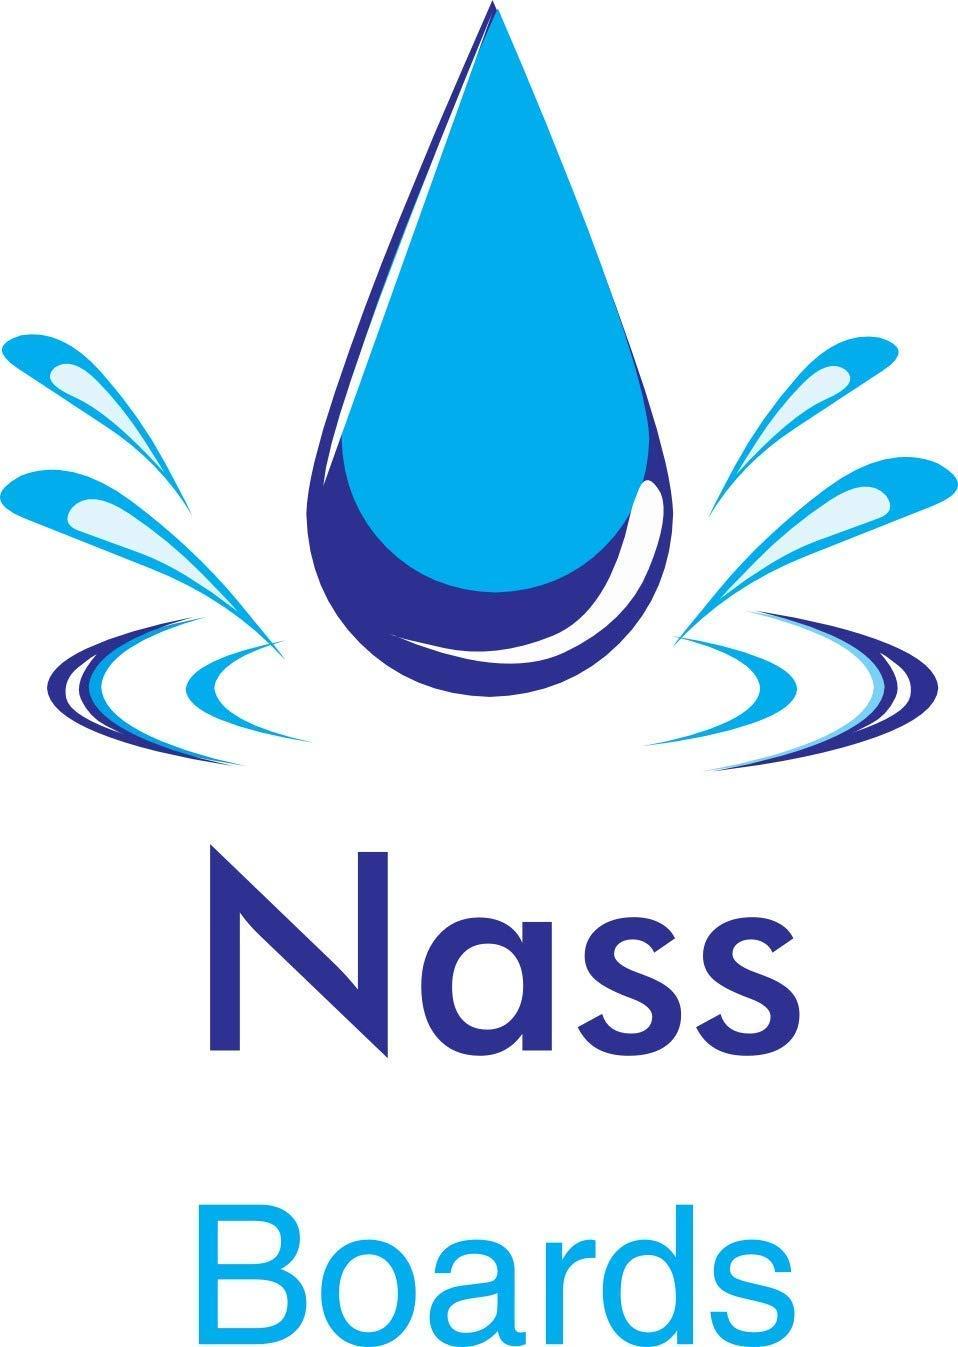 18m2 Nassboards XPS Boards Floor Underlay Thermal Insulation Underfloor Heating 25 x 10mm